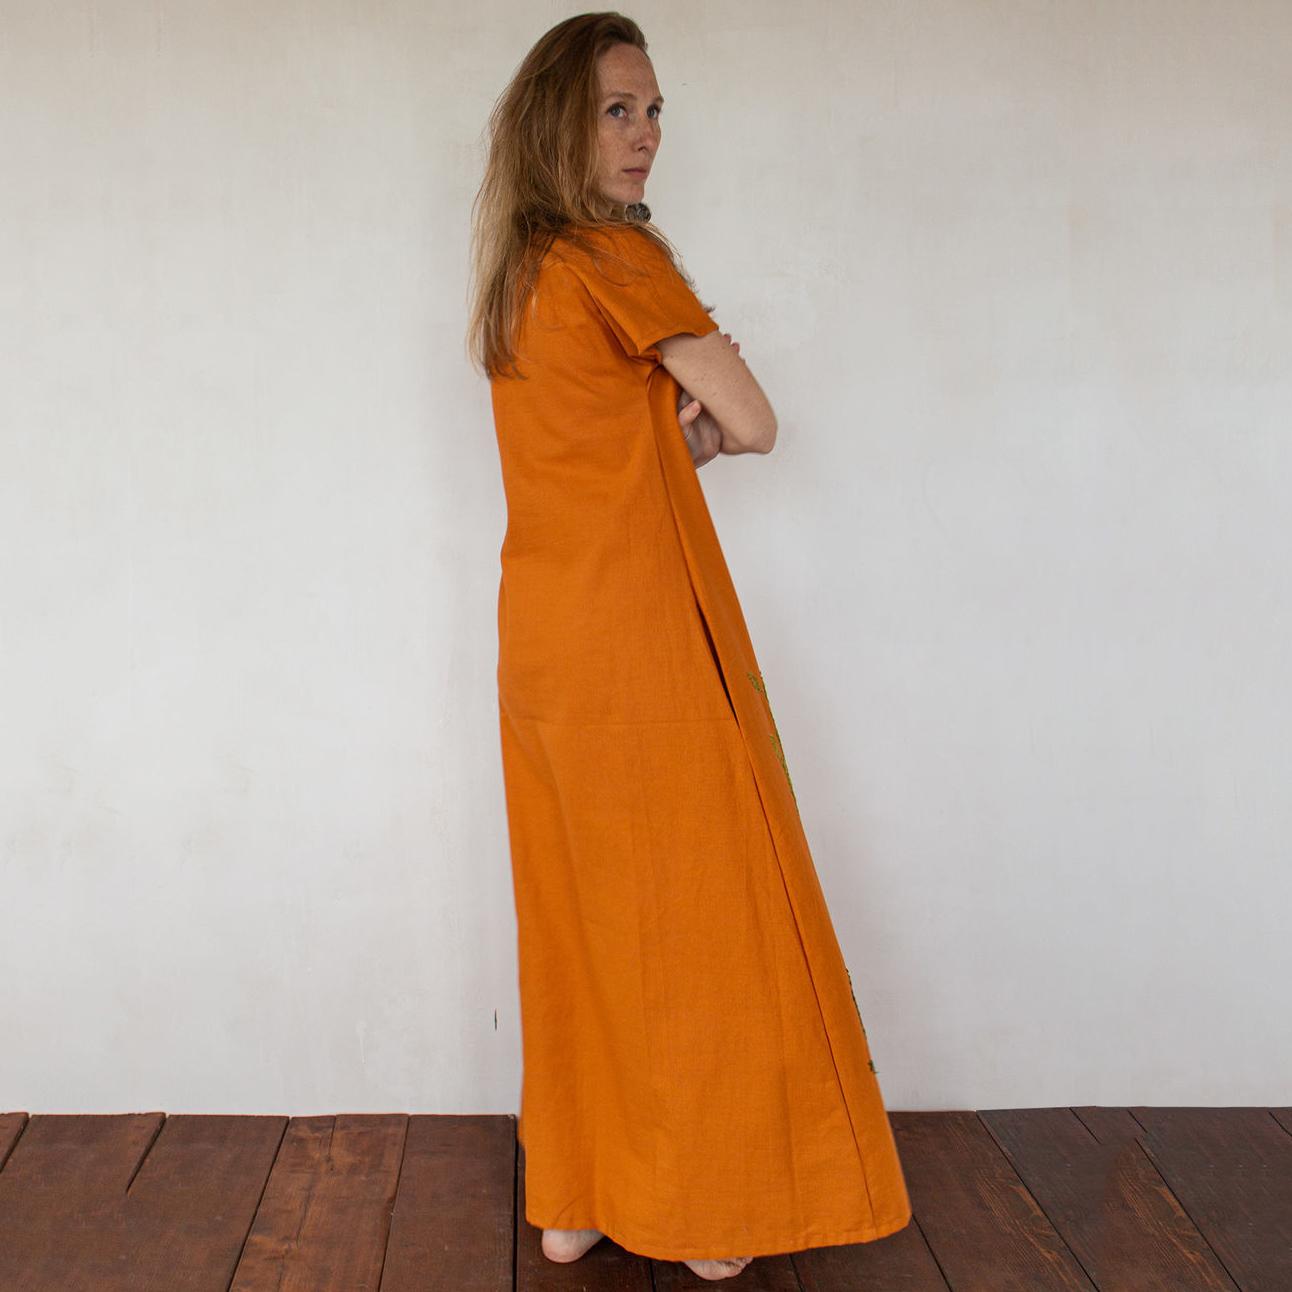 MarlЁn оранжевое платьe с вышивкой